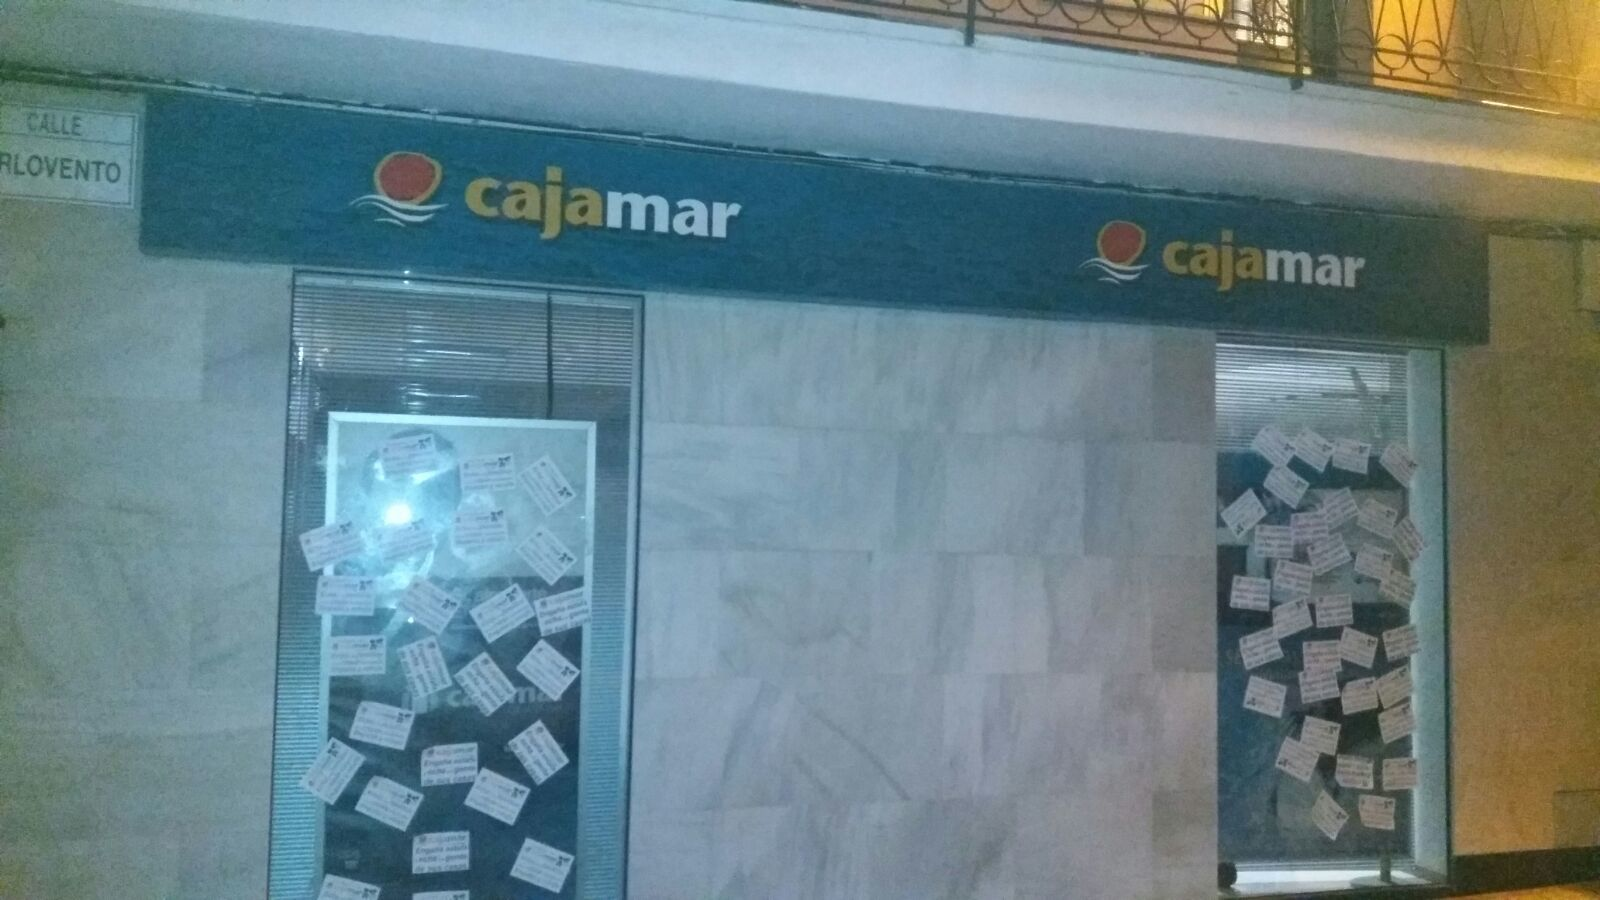 La solidaridad contra cajamar se extiende por m laga for Oficinas de cajamar en malaga